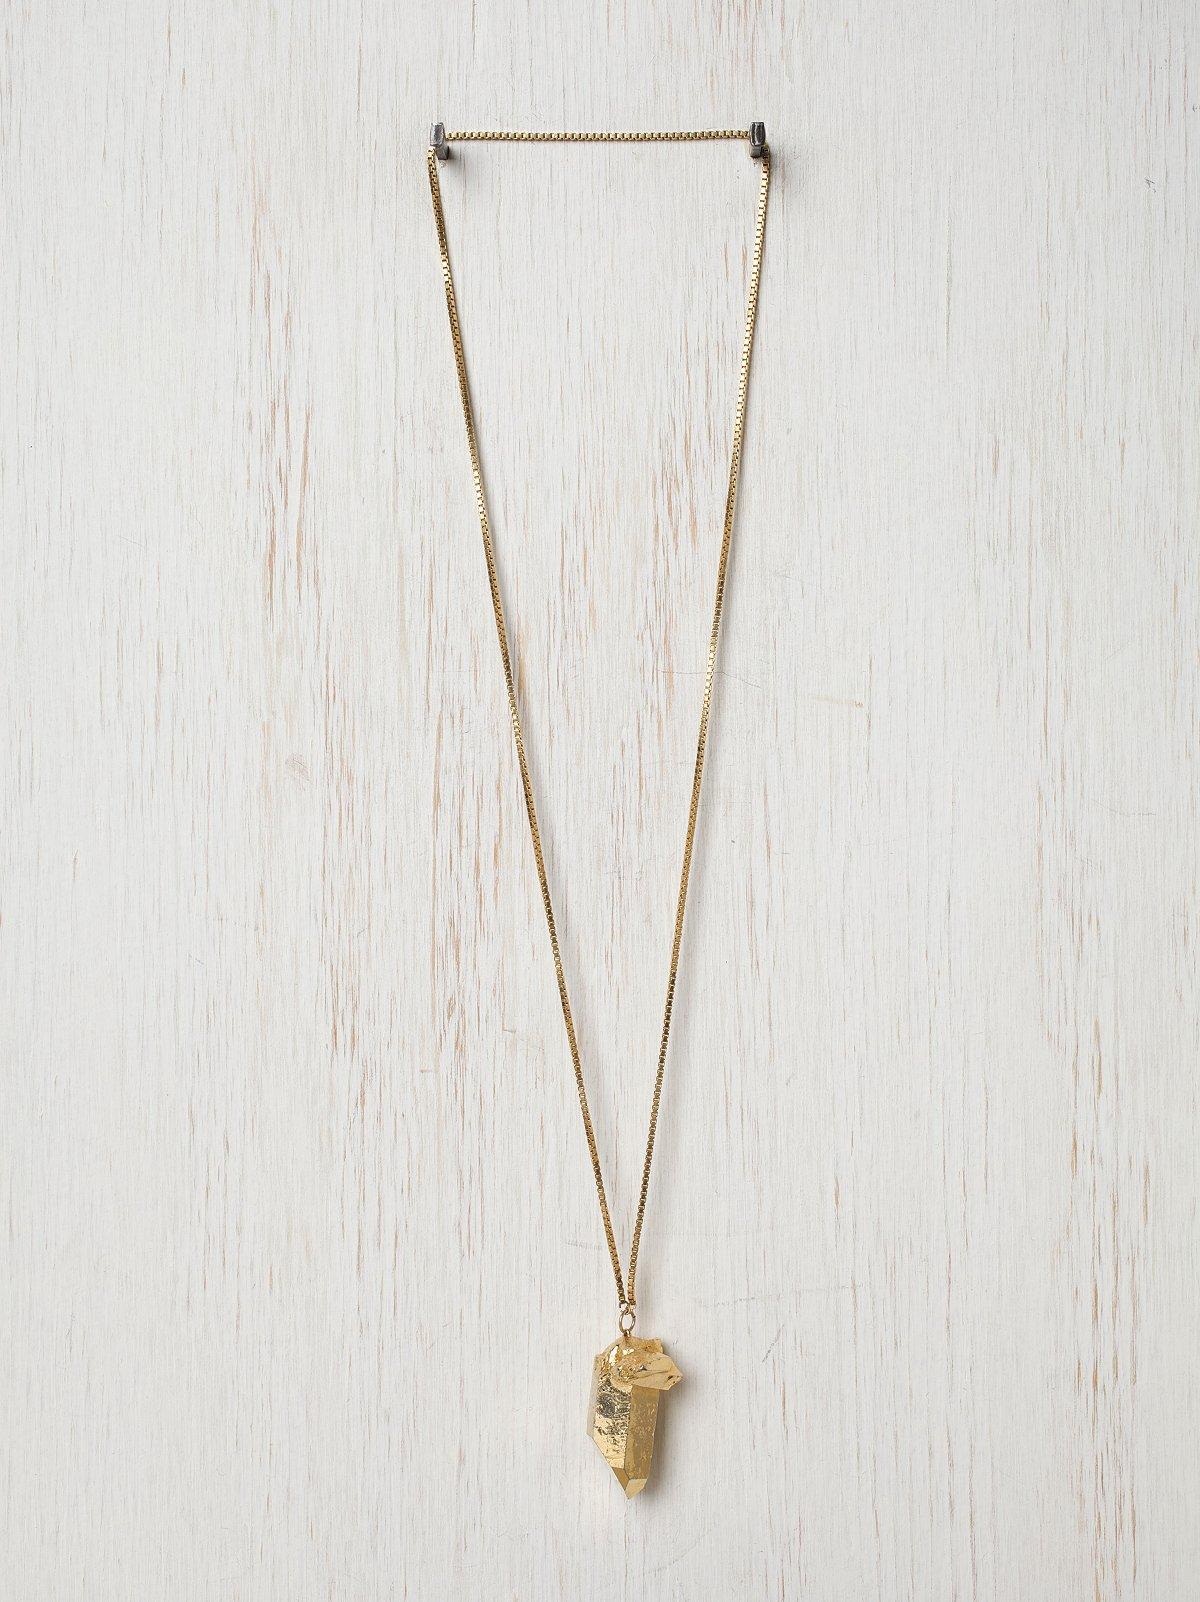 Golden Quartz Pendant